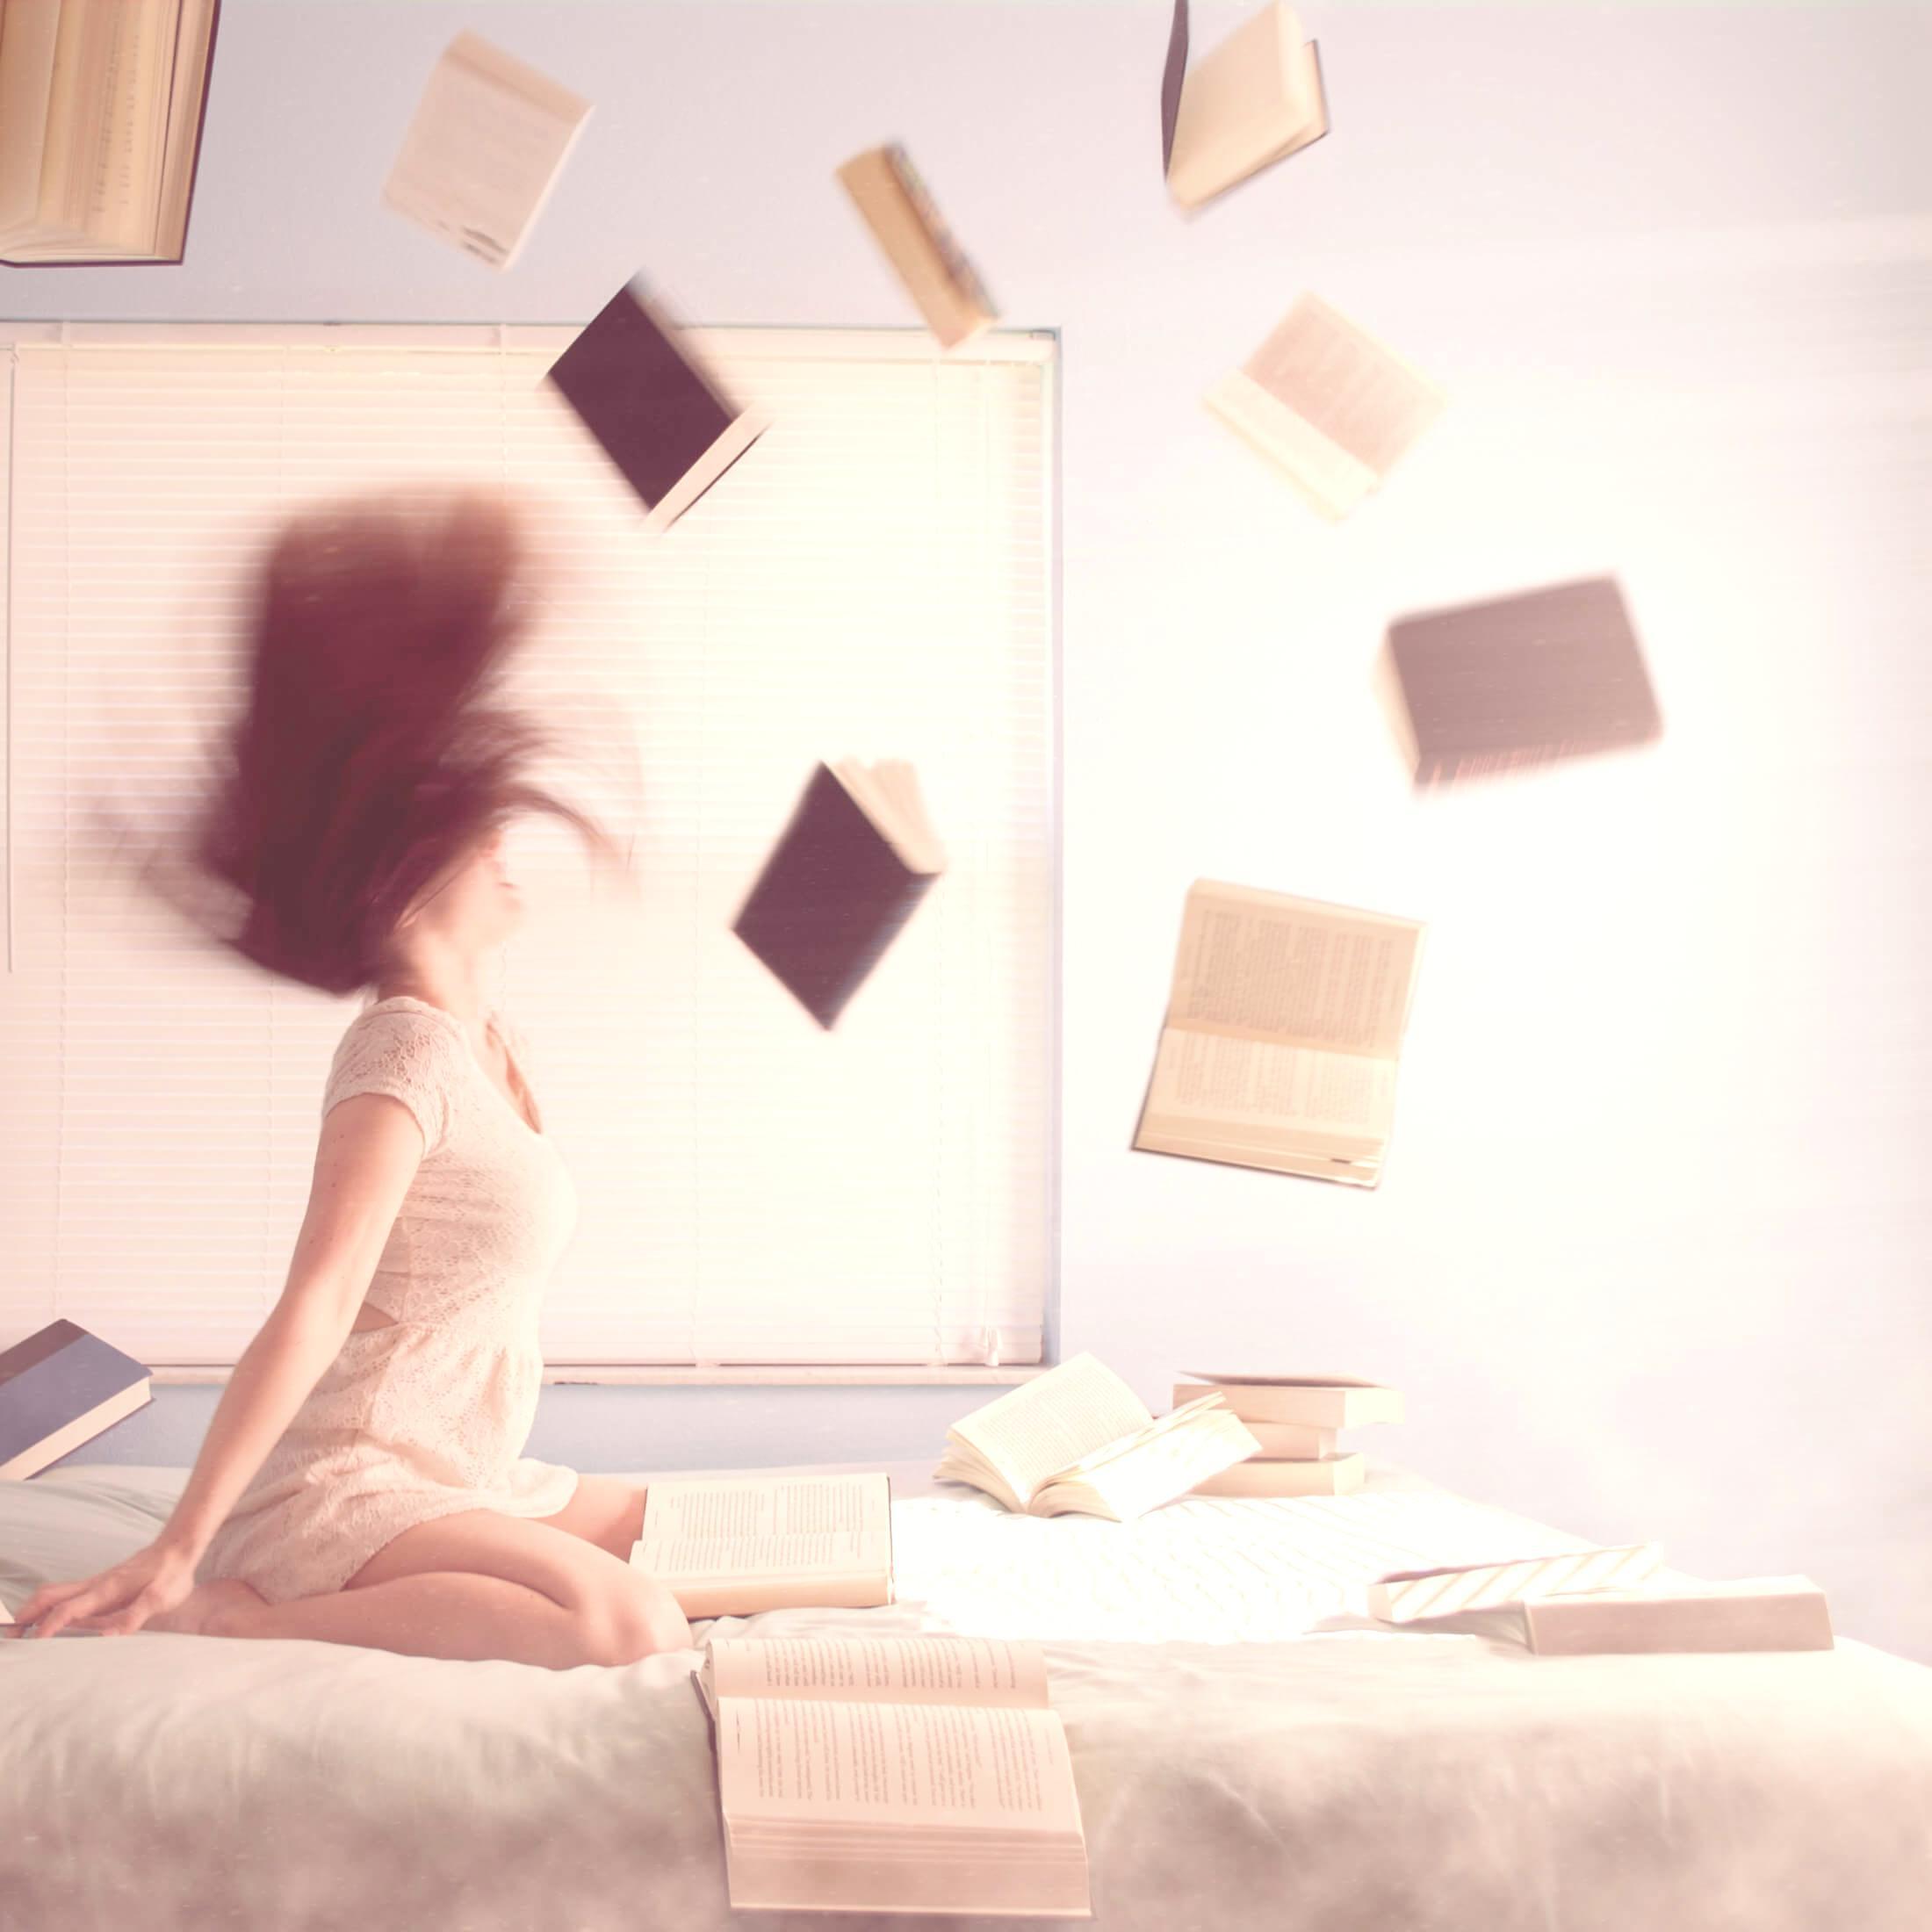 KonMari Method - Wake Up Your Books. Woman Sitting On Bed With Books Floating Like Magic. Photo by Lacie Slezak on Unsplash.